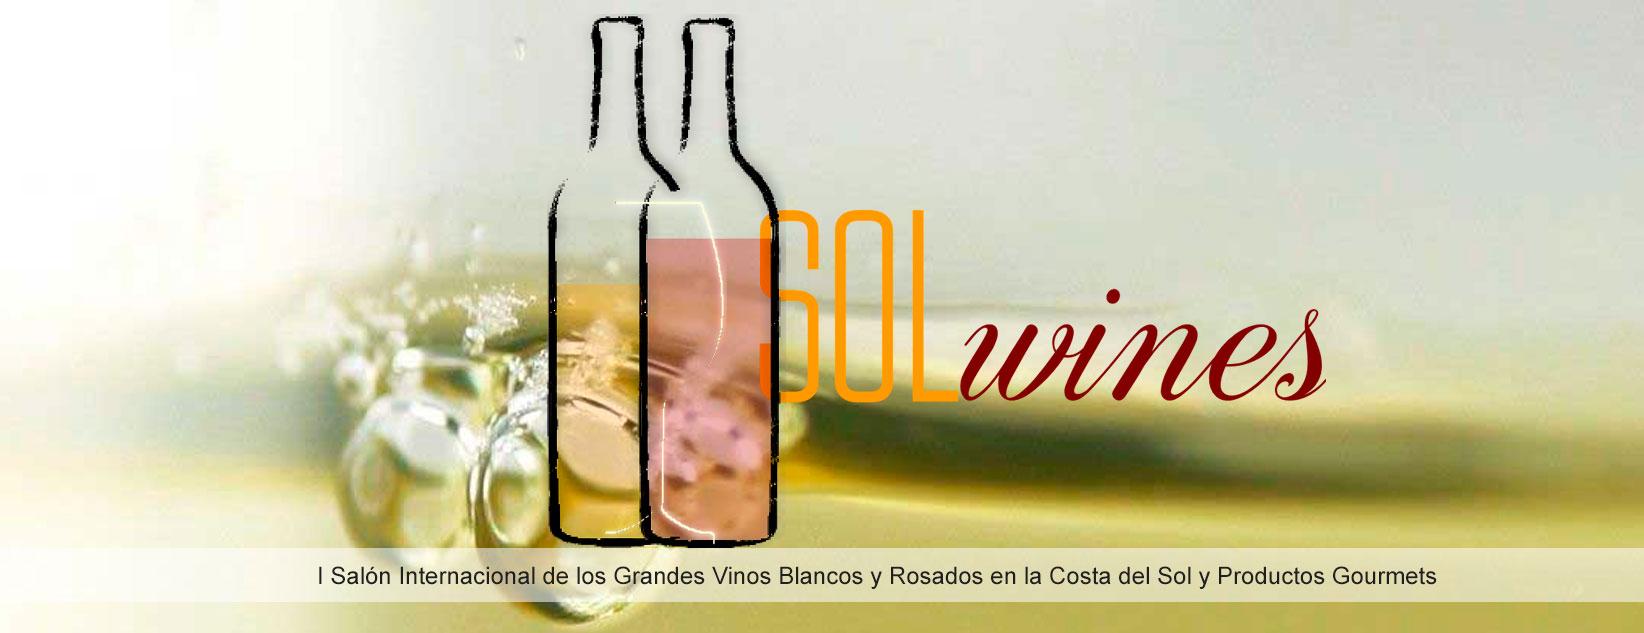 SOL-Wines-hd